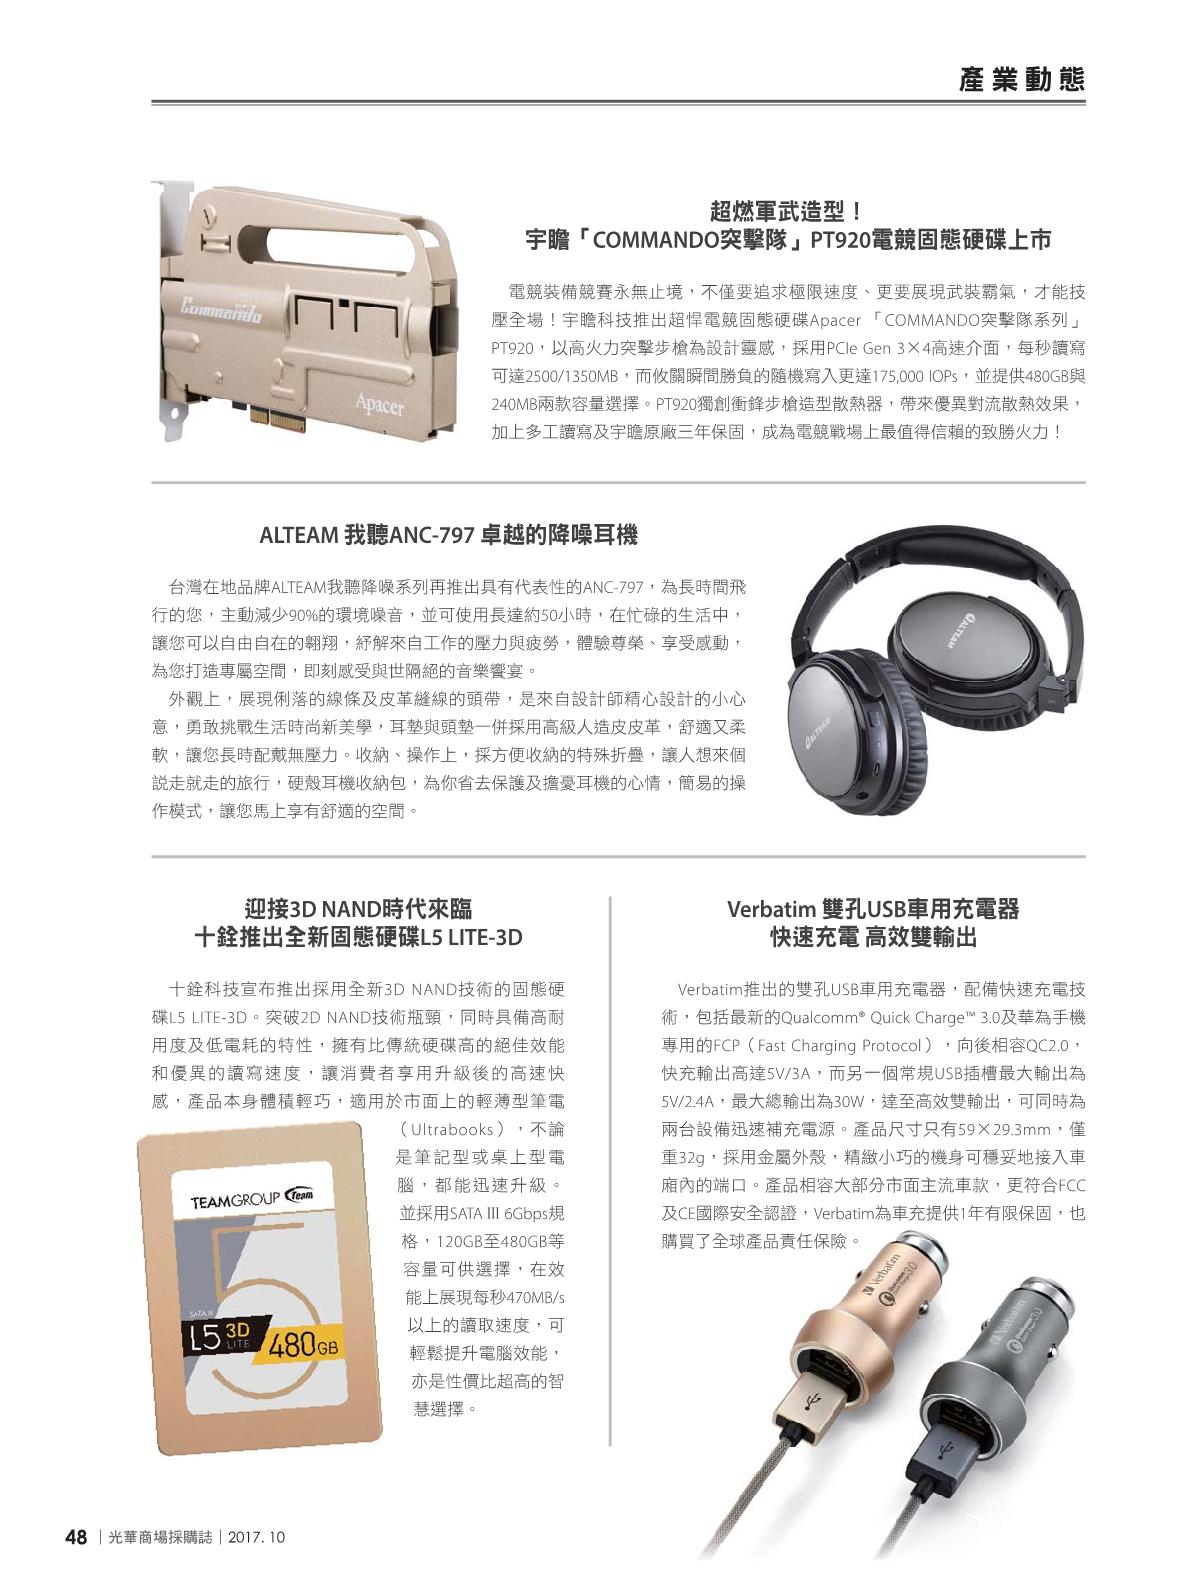 光華商場採購誌2017年10月號50.png